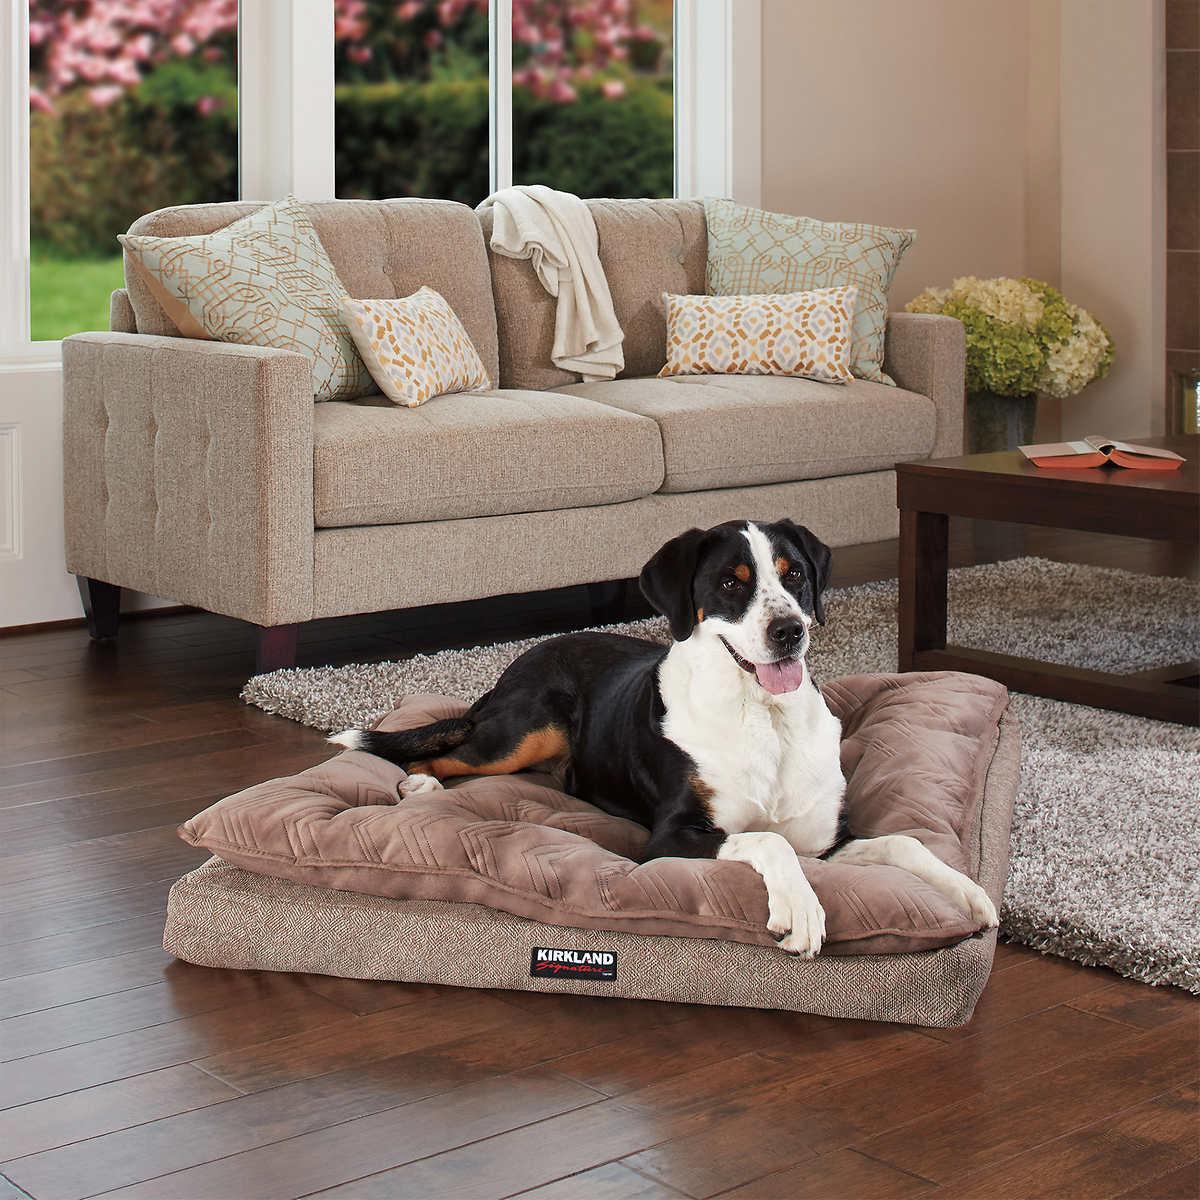 Snugglers Furniture Kitchener Pet Beds